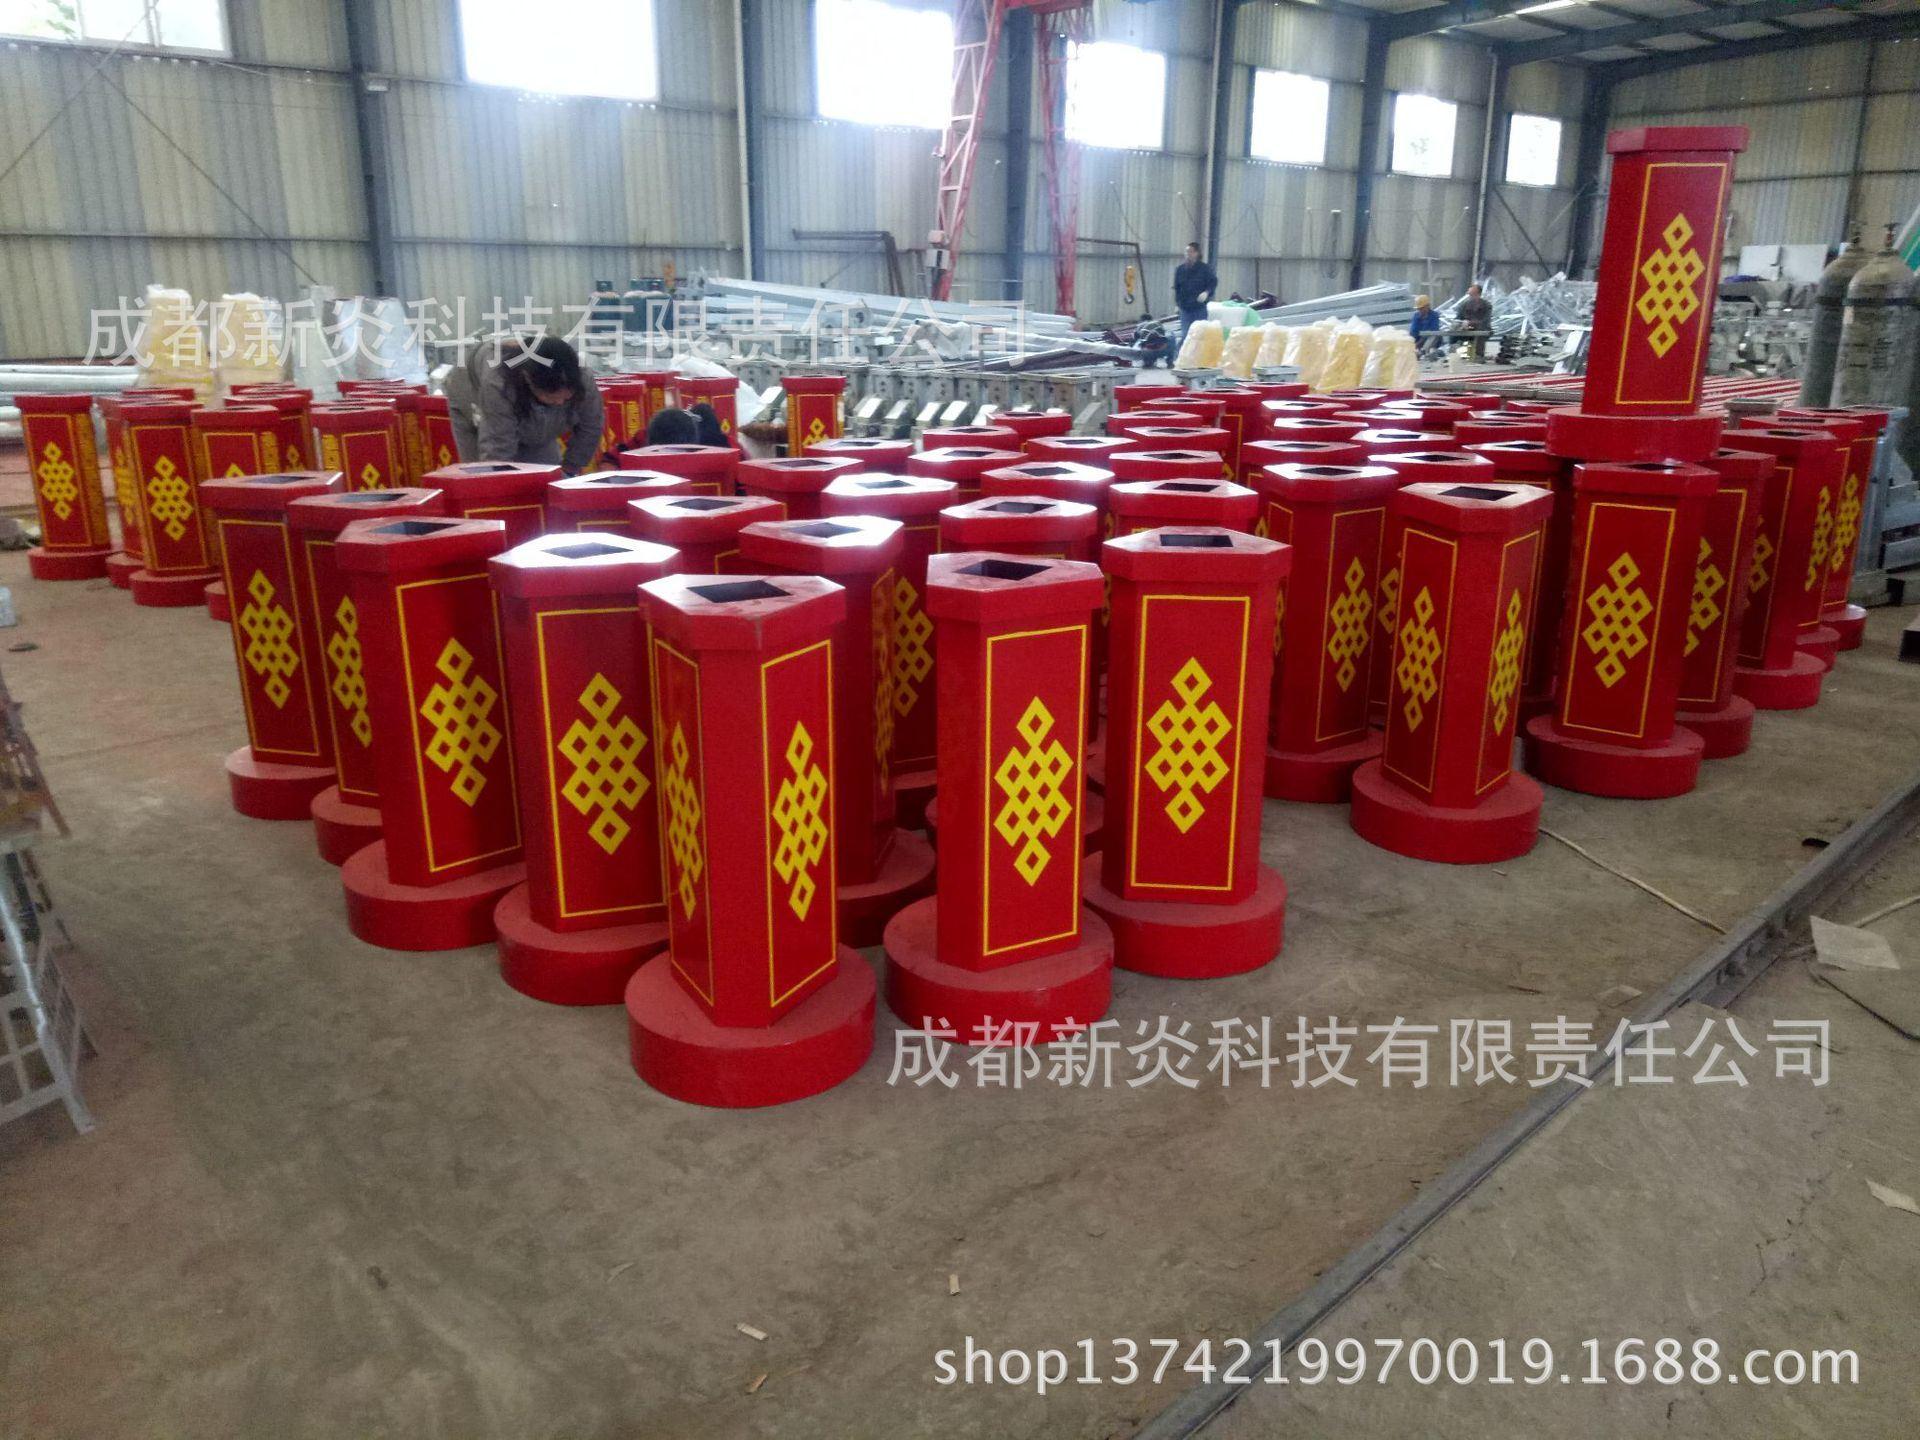 藏式風格路燈生產圖片IMG20171014110552 (3